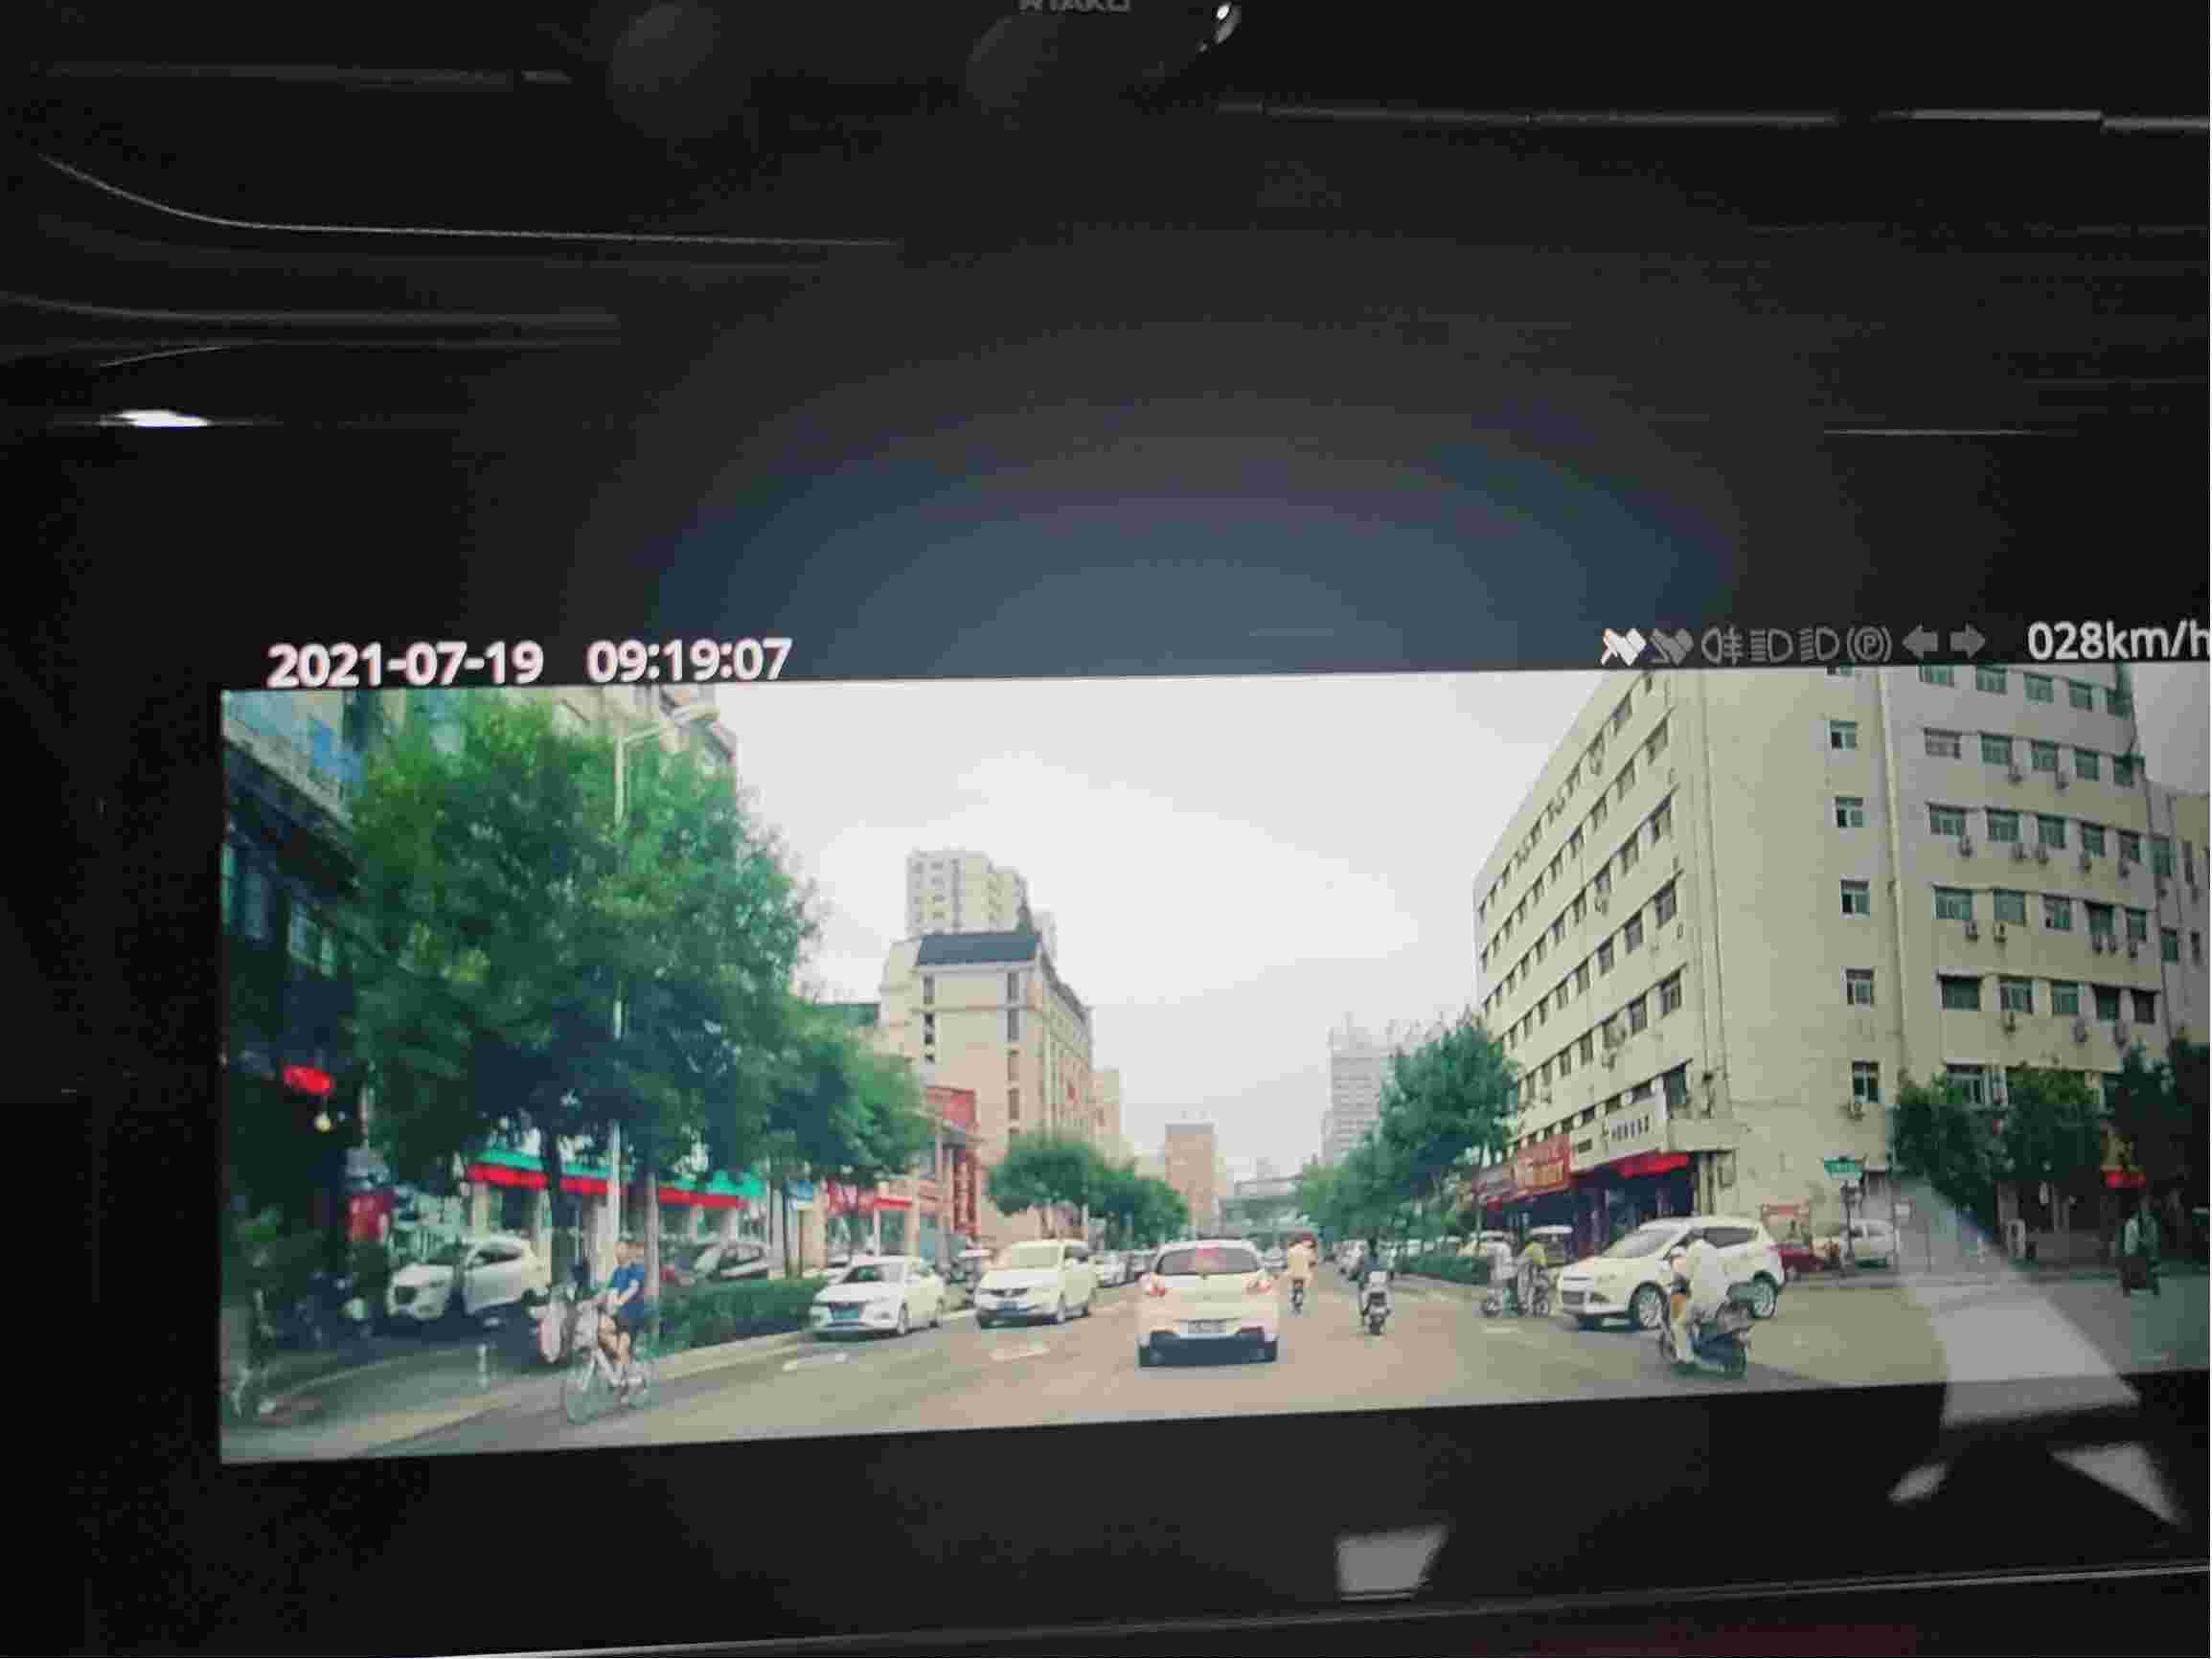 奇瑞艾瑞泽5plus行车记录仪模糊,且不能录音